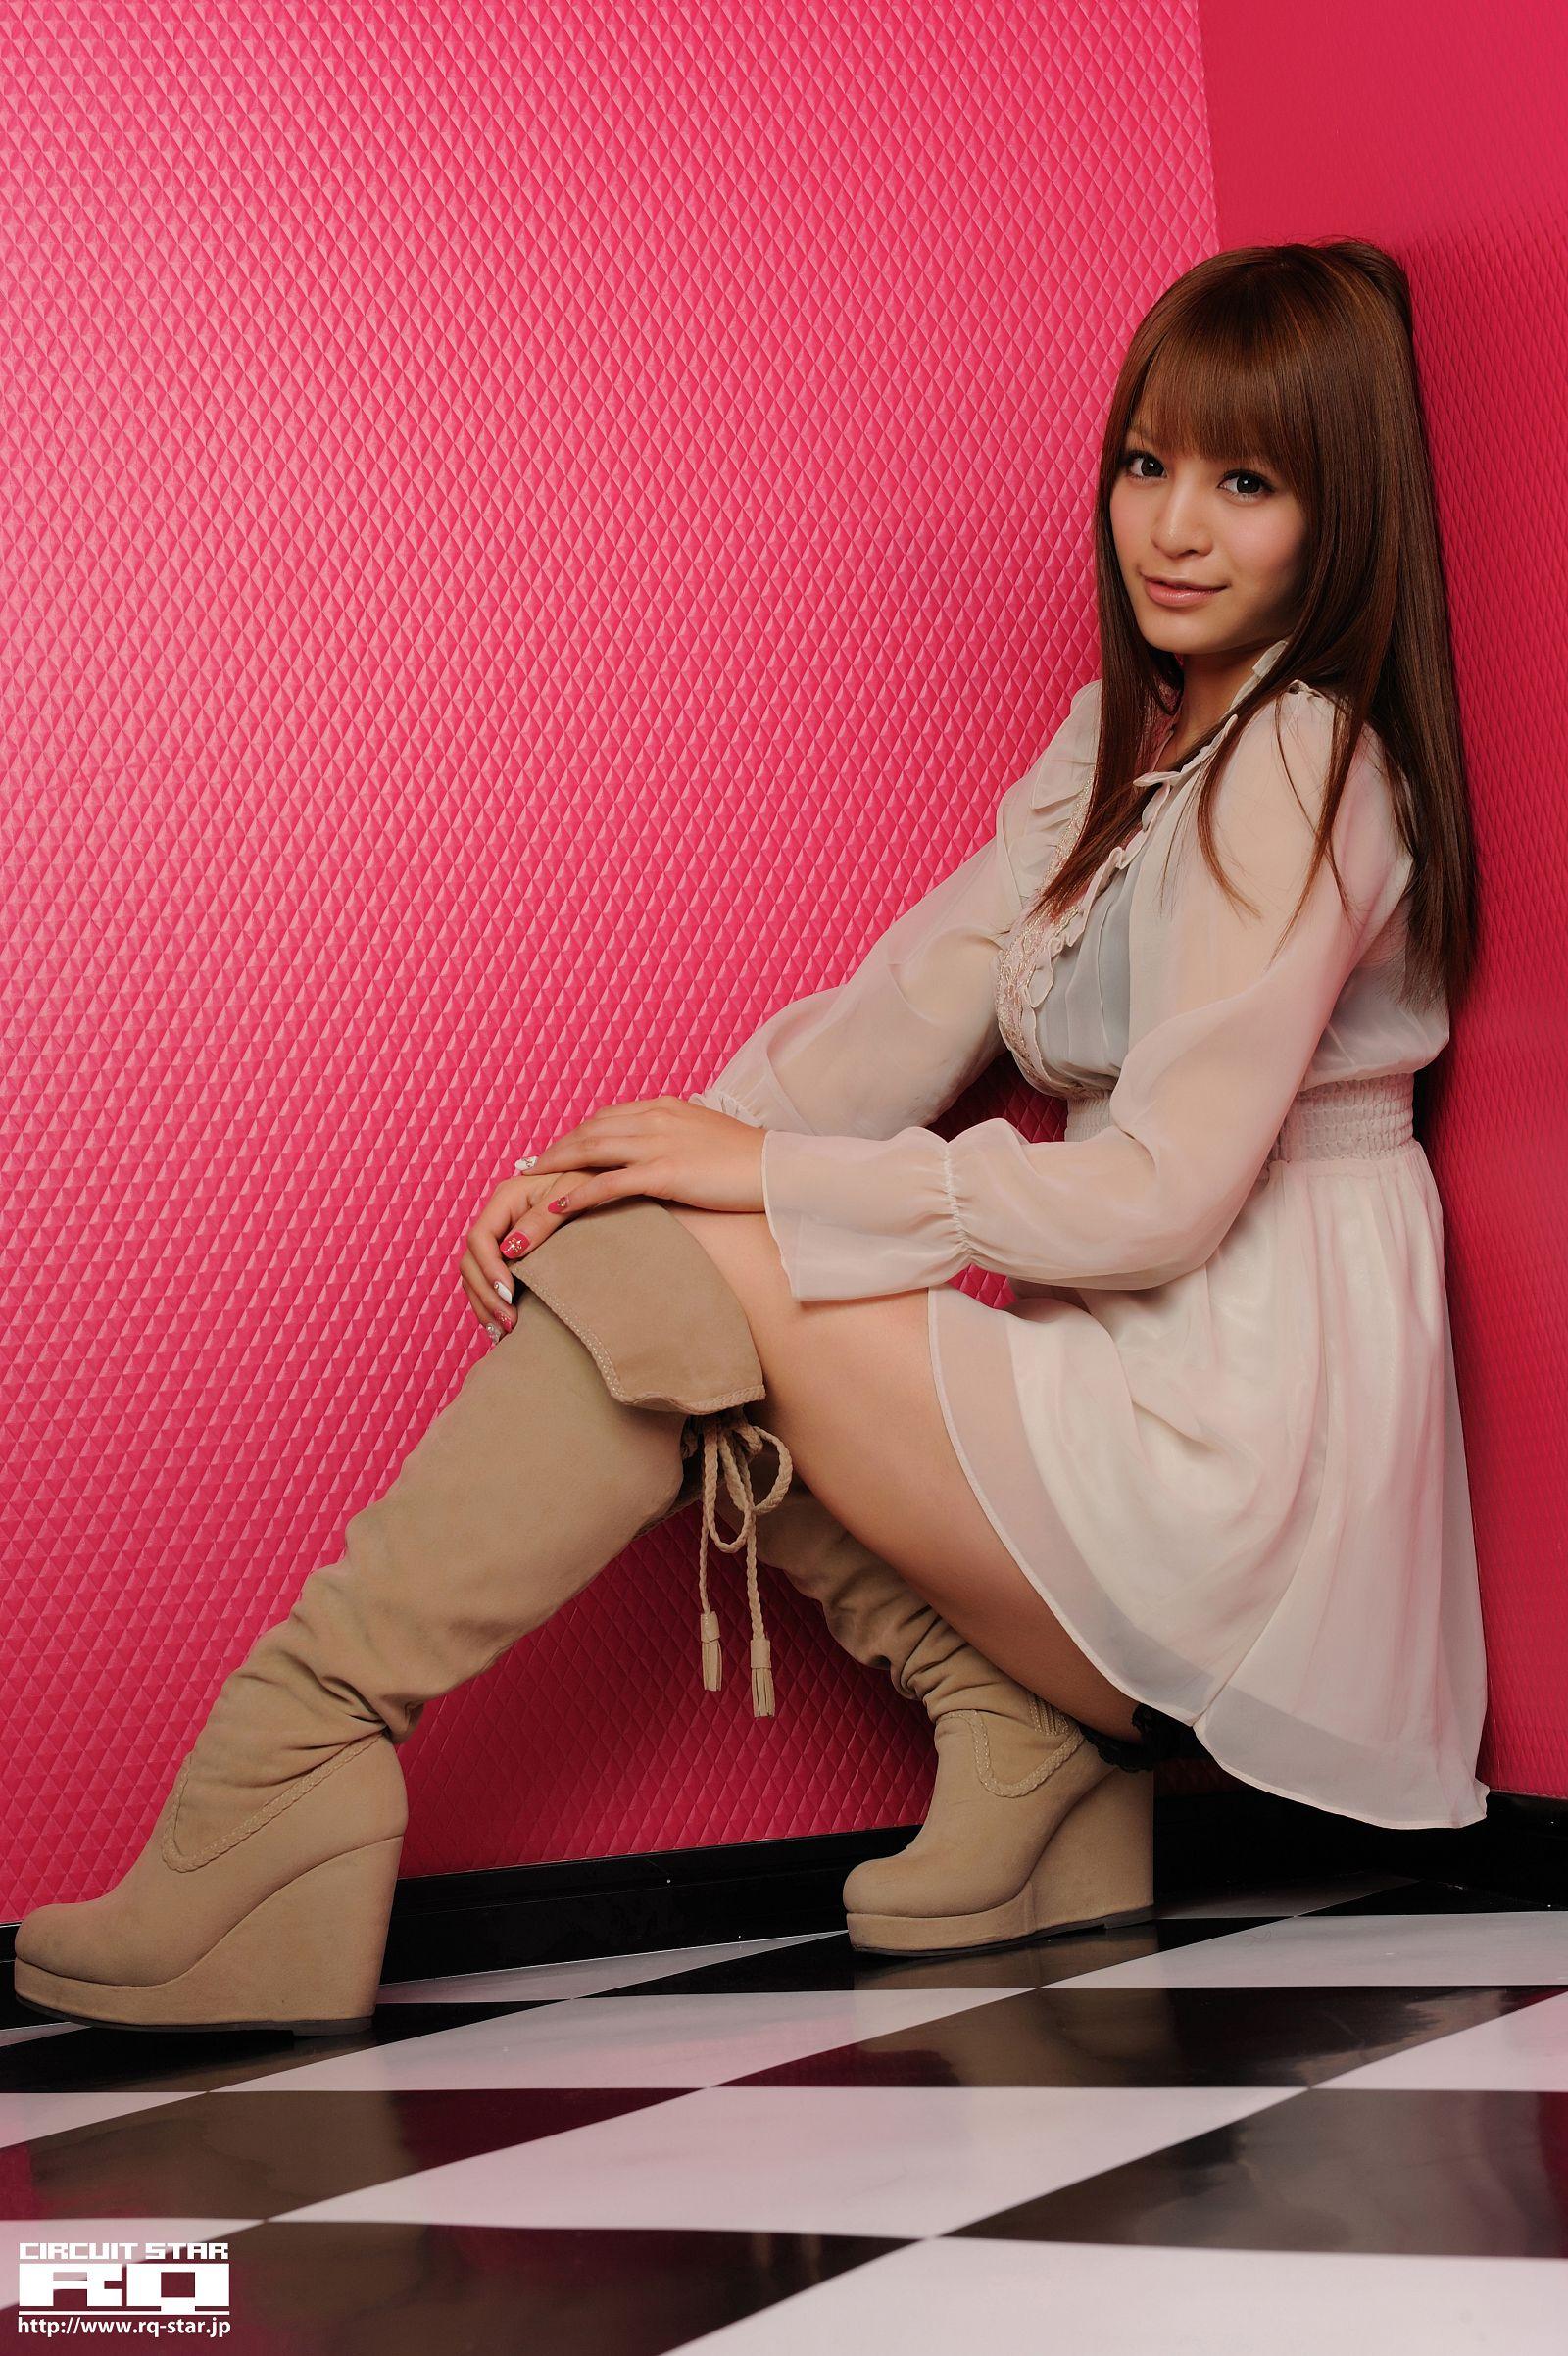 [RQ STAR美女] NO.00579 Megumi Haruna 春菜めぐみ Private Dress[70P] RQ STAR 第2张